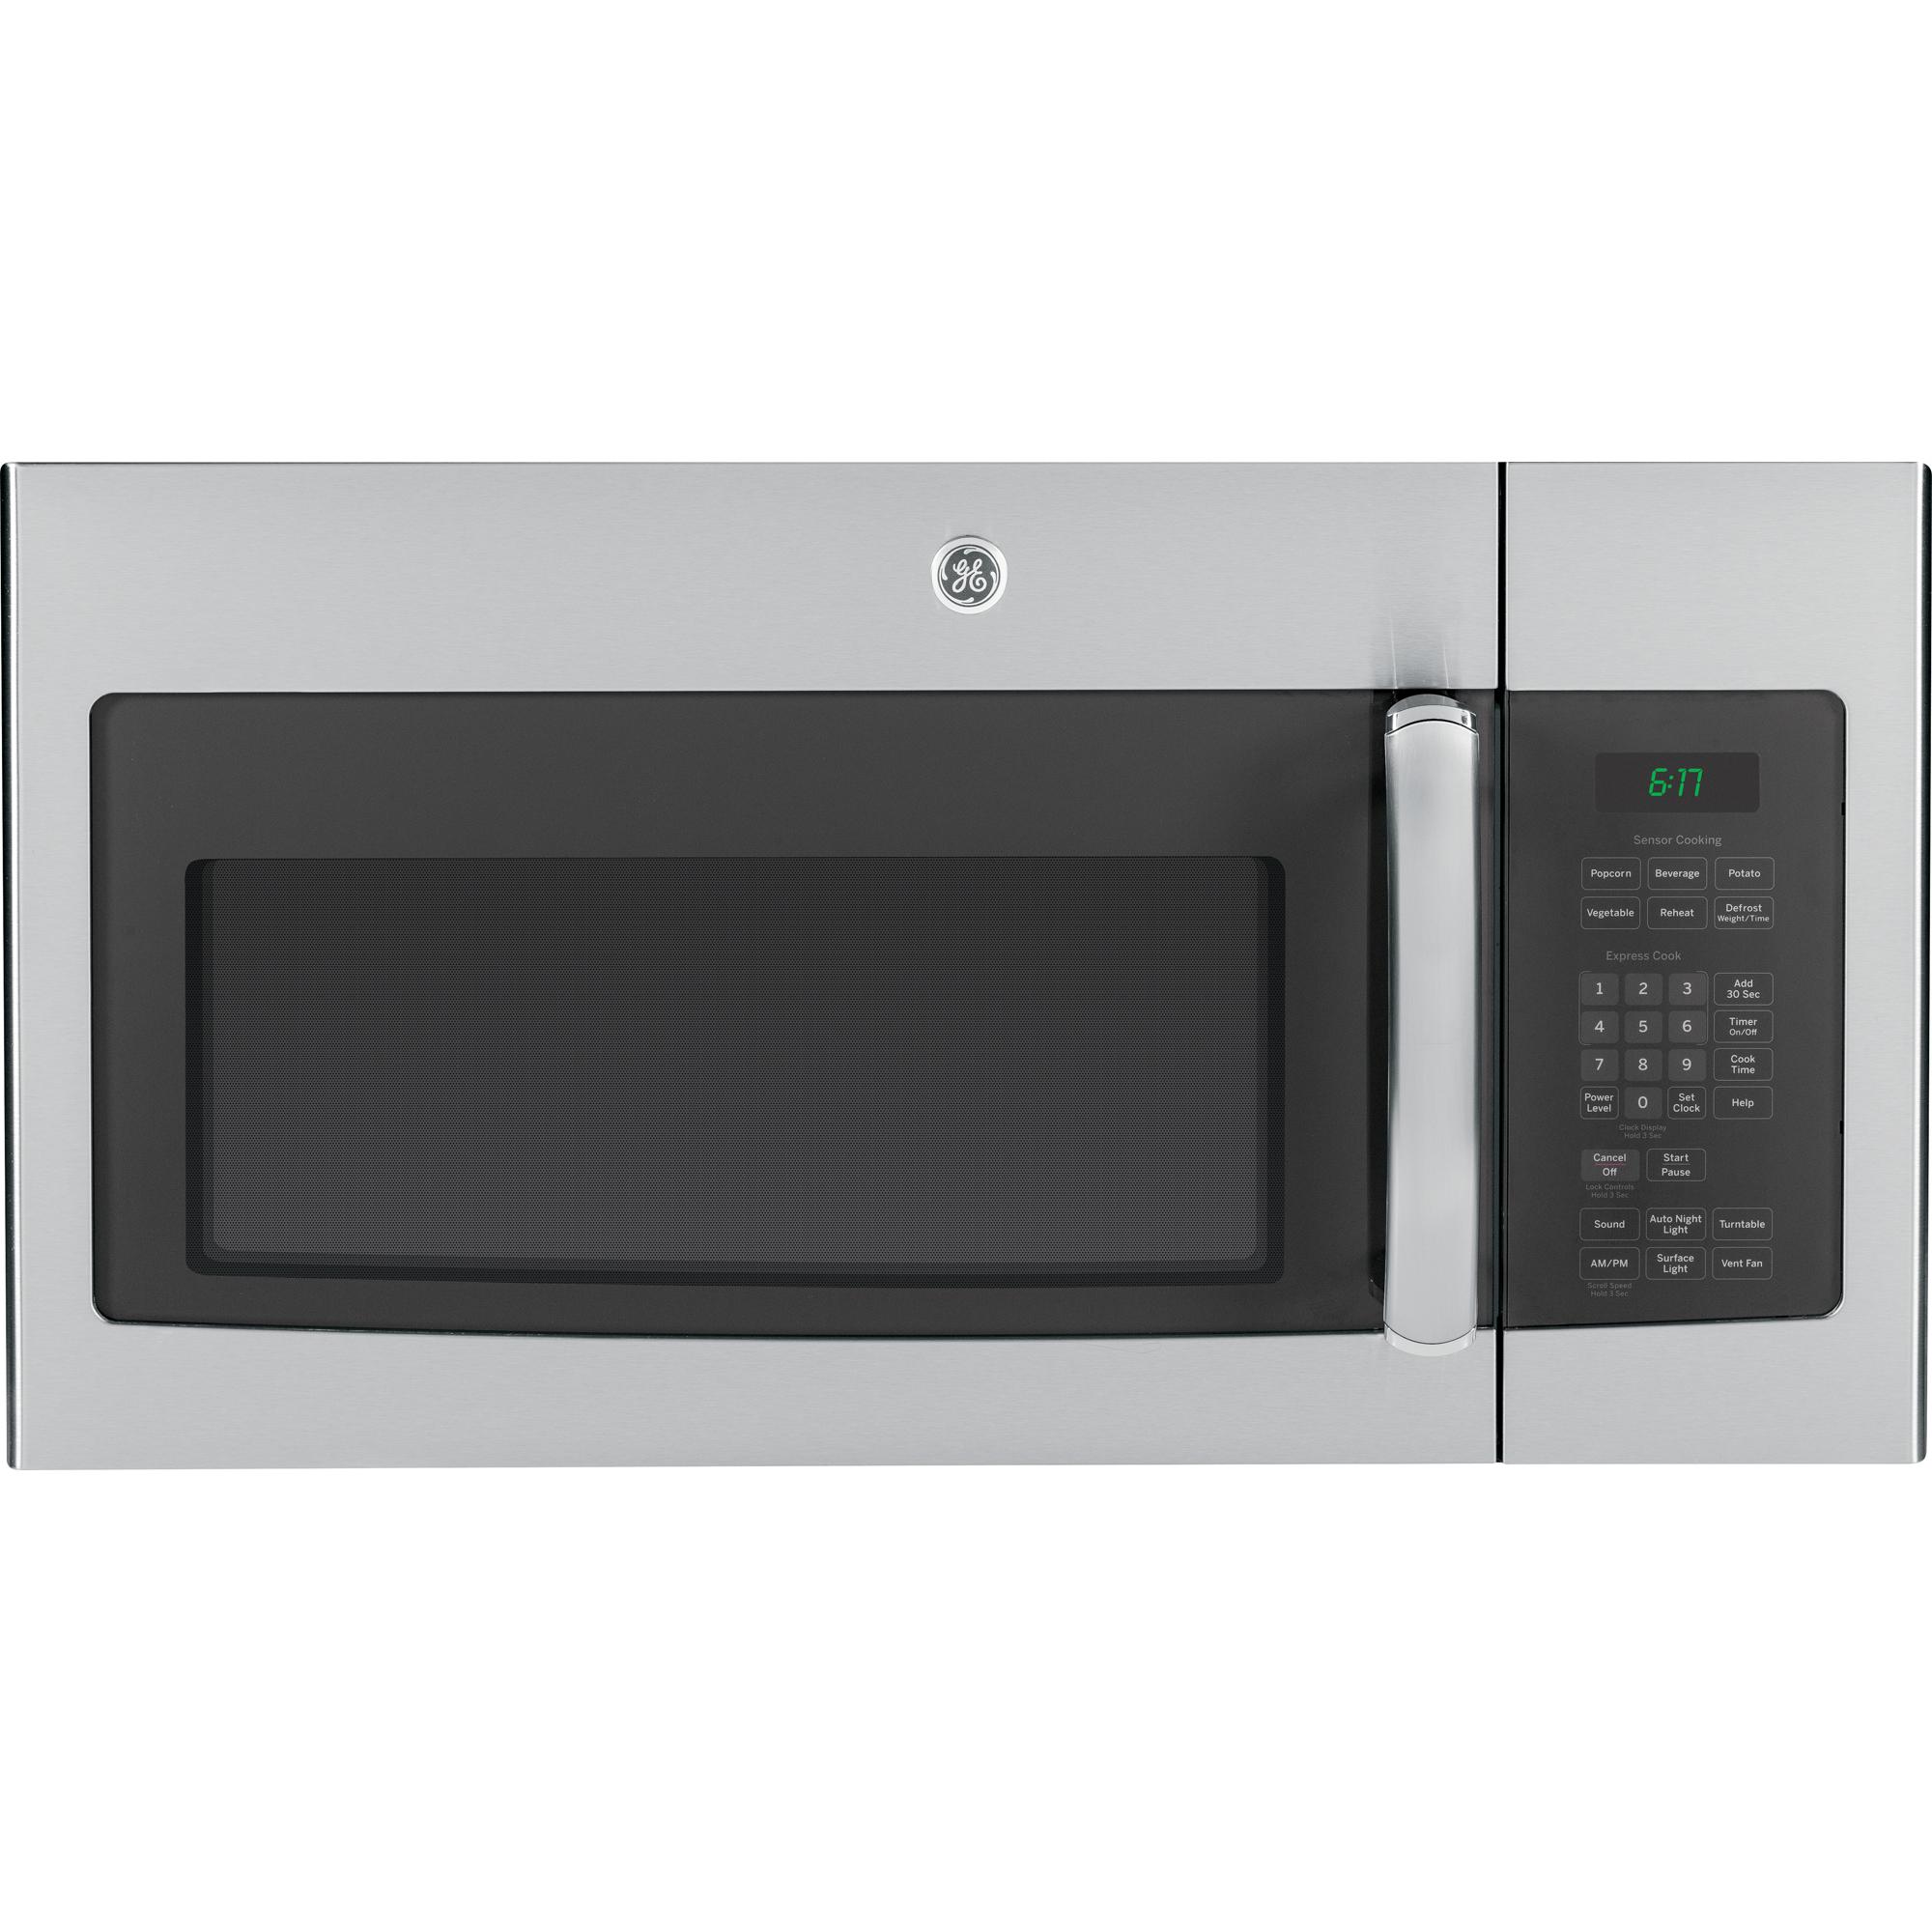 Ge Appliances Jvm6175sfss 1 7 Cu Ft Over The Range